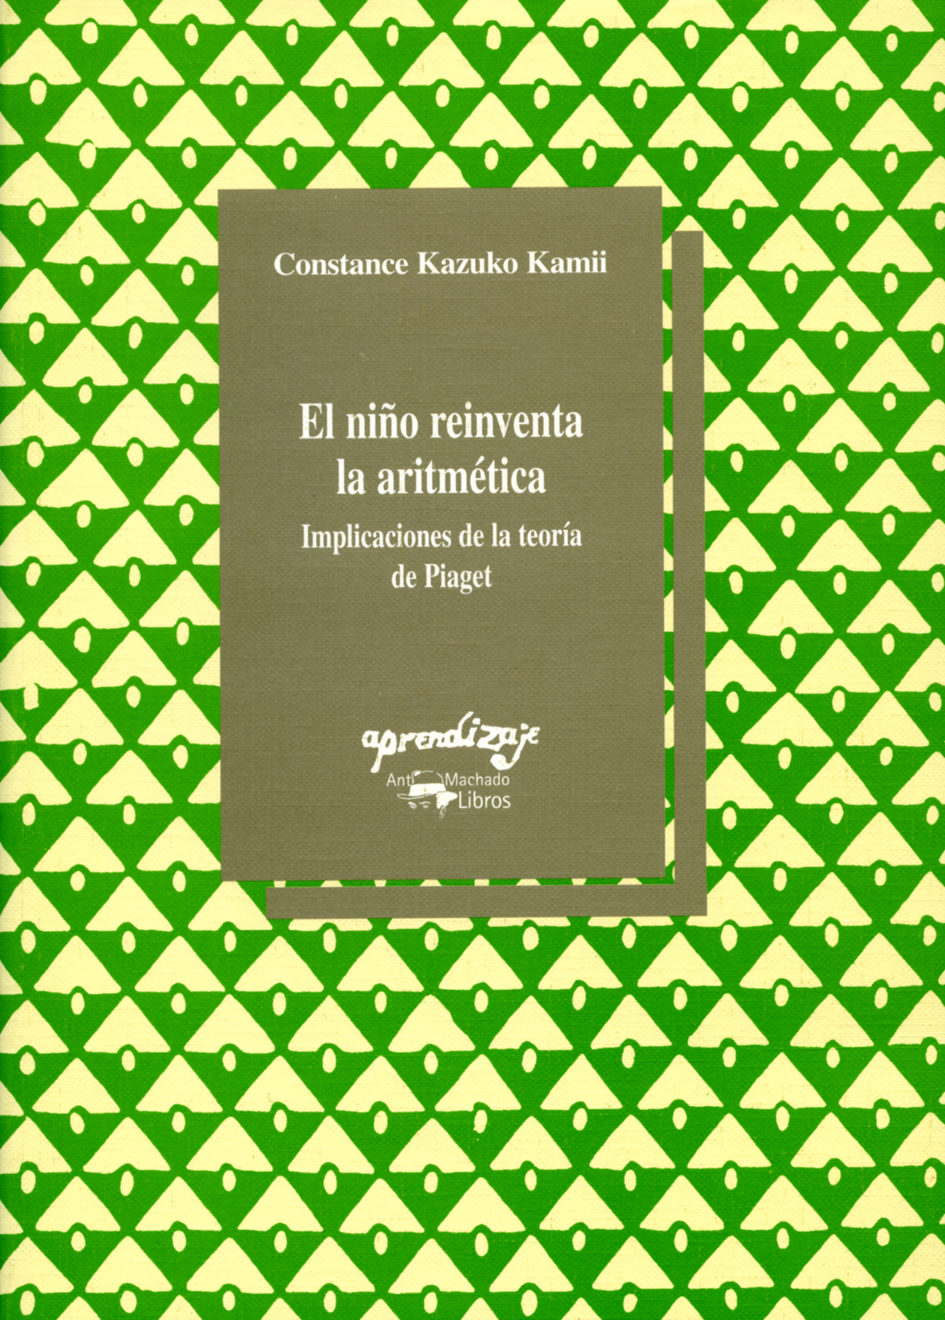 el niño reinventa la aritmerica: implicaciones de la teoria de pi aget (2ª ed.)-constance kamii-9788477744290